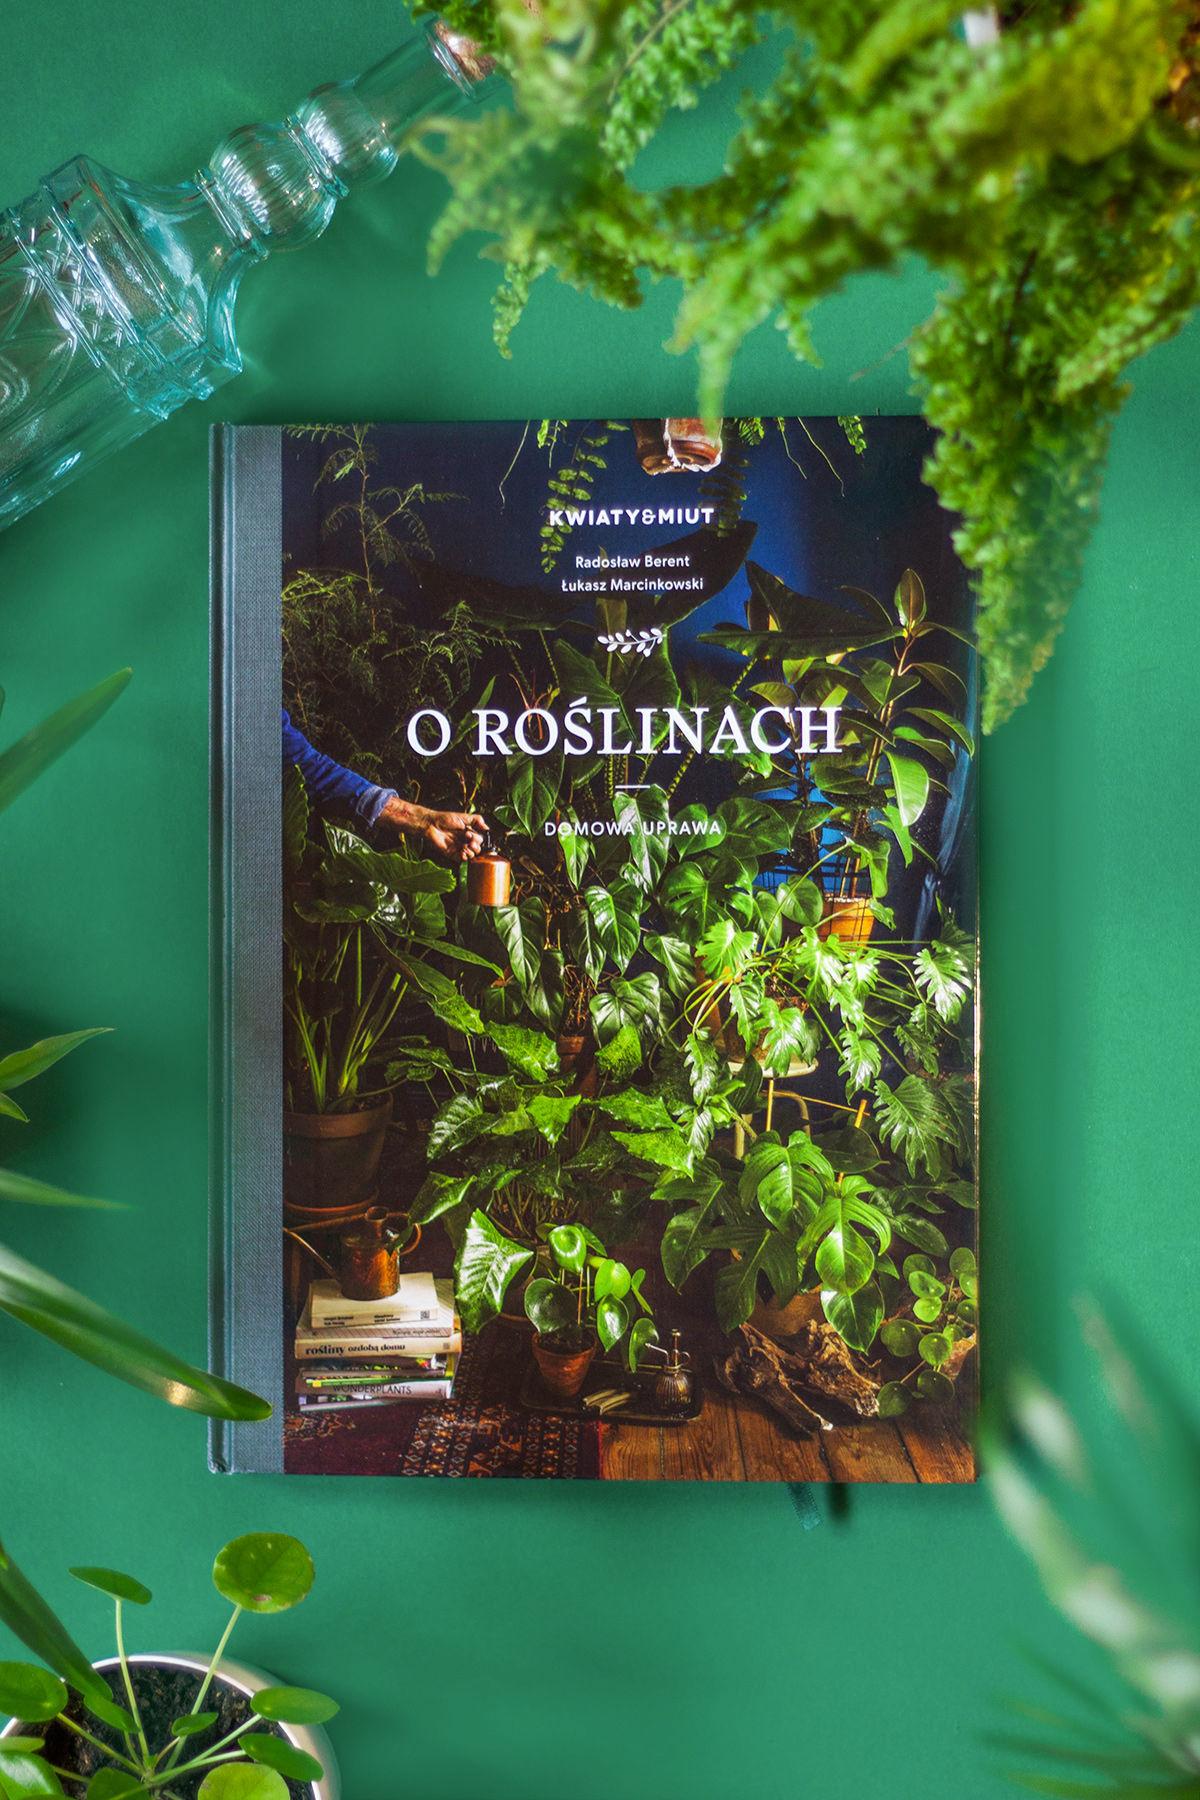 książka O roślinach Łukasz Marcinkowski, Radek Berent recenzja kompozycja zielona